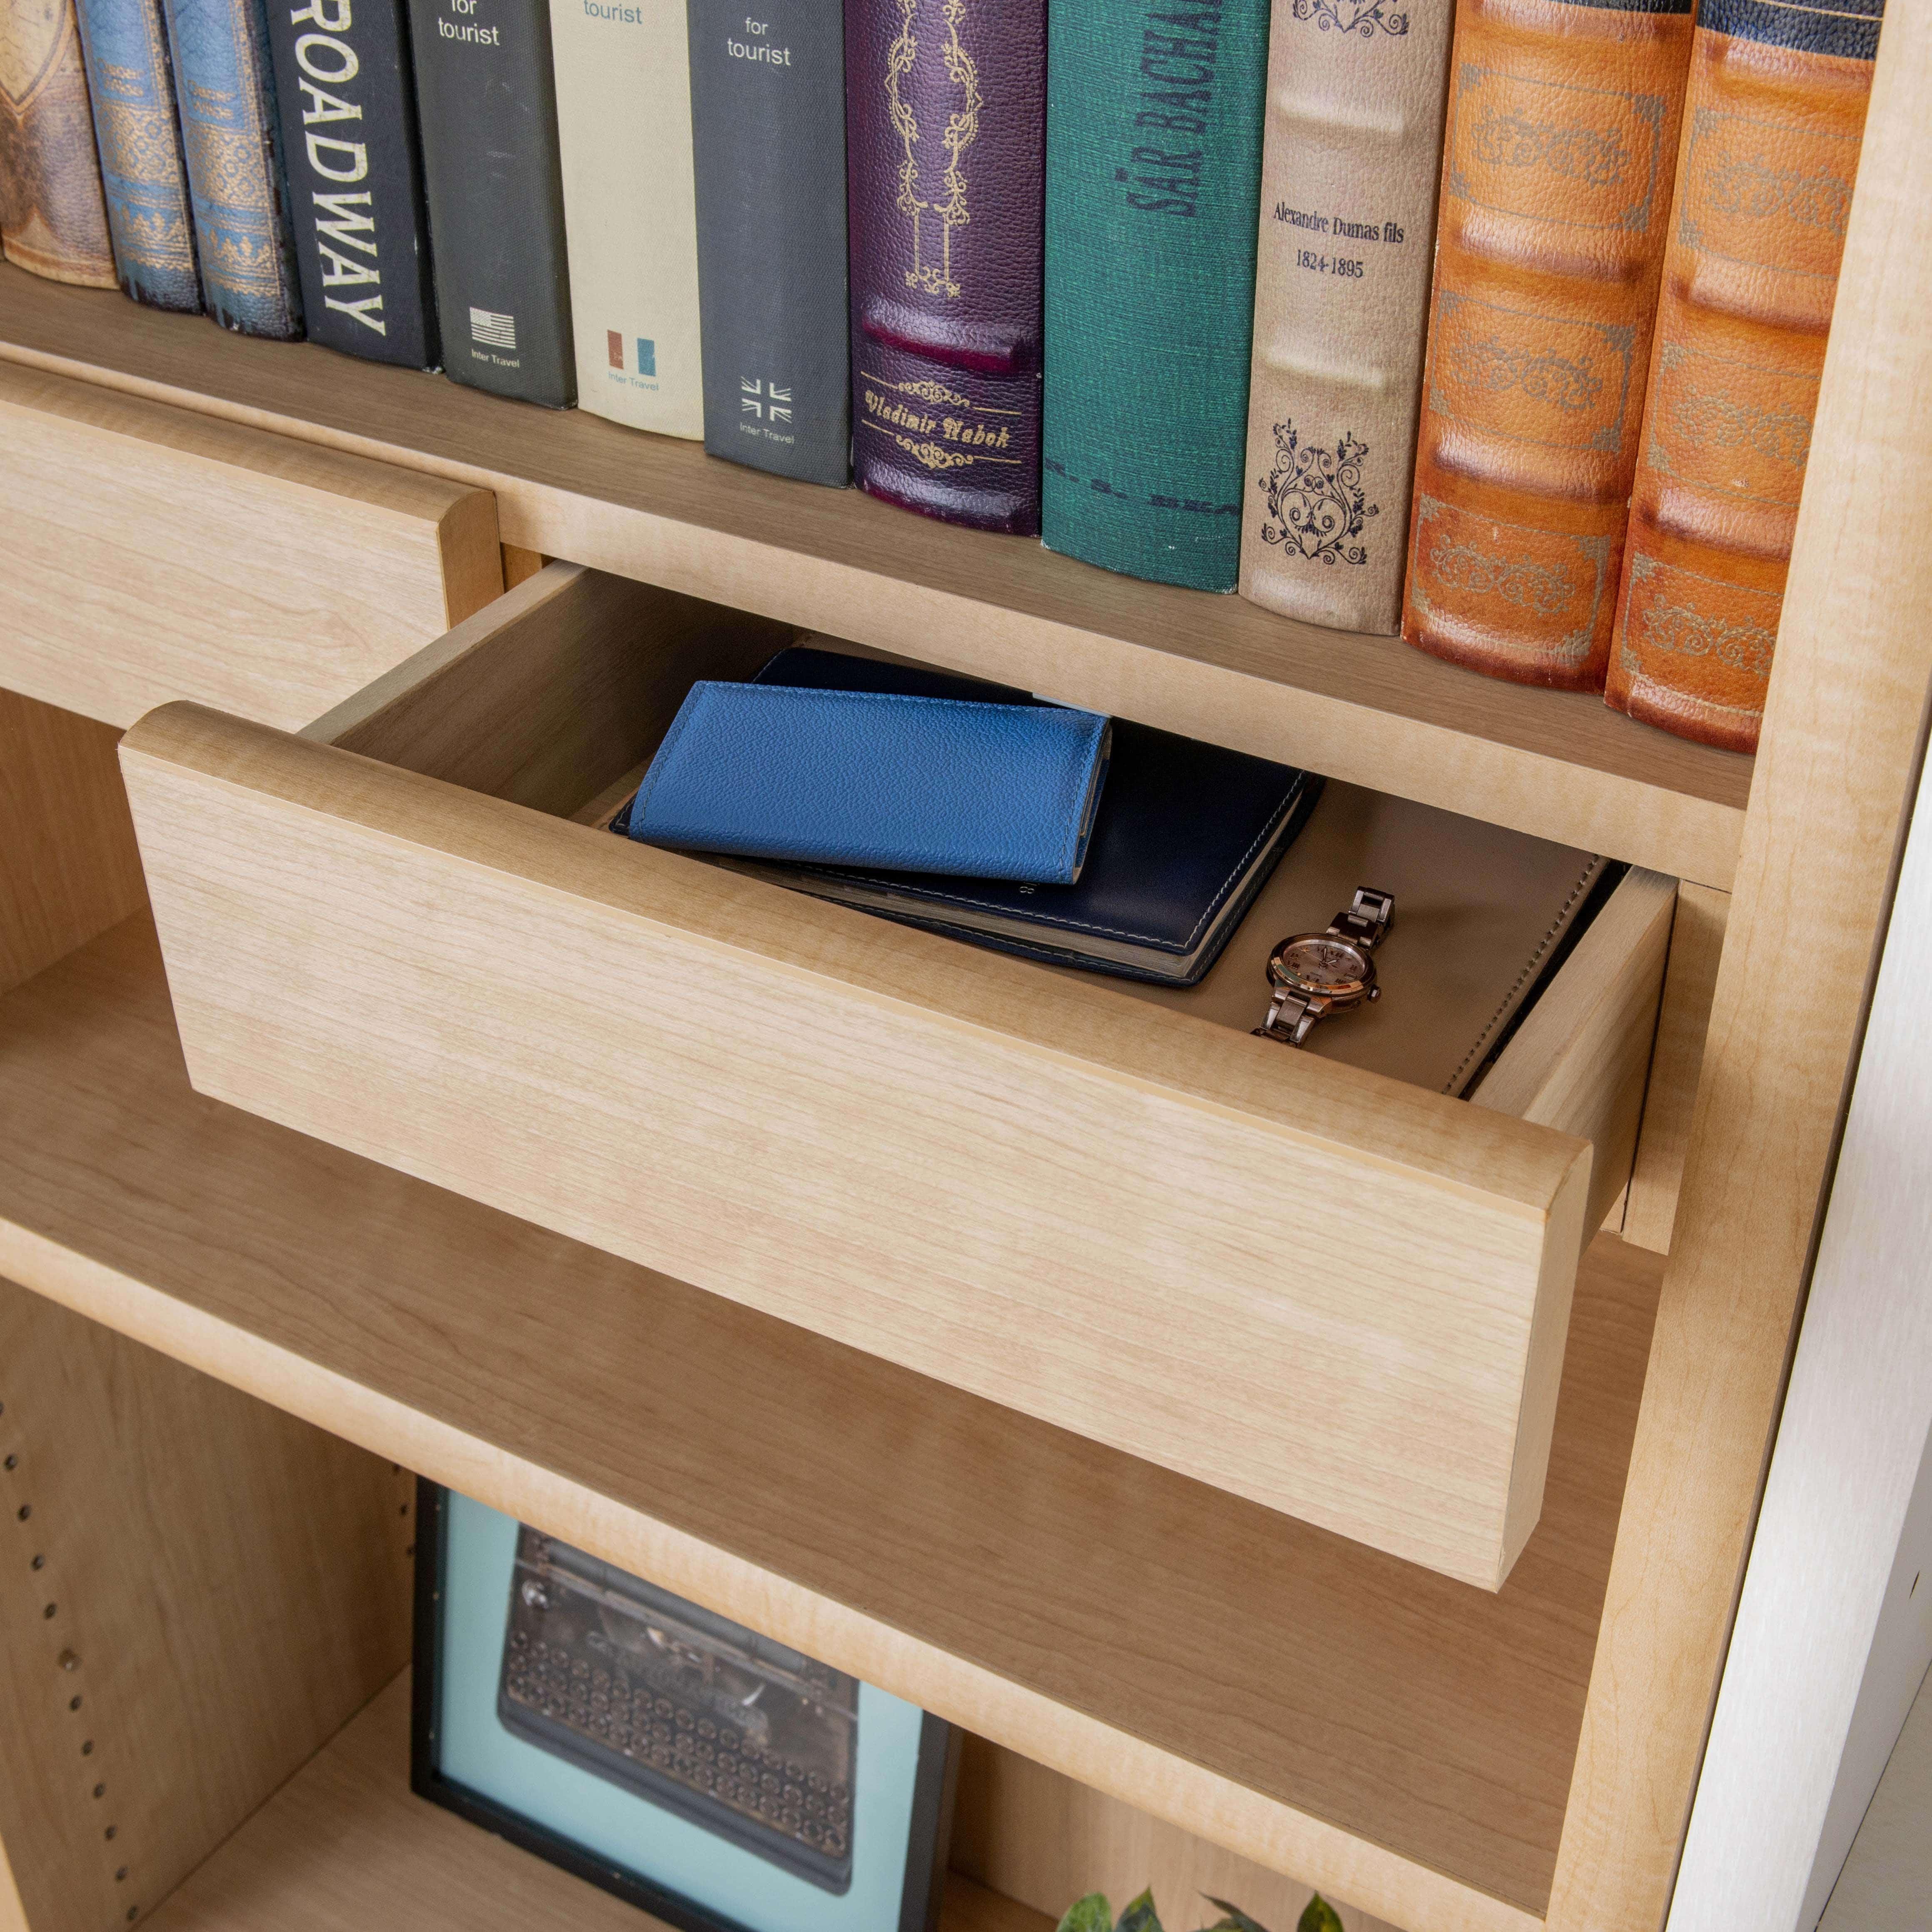 小島工芸 書棚 アコード60H(チェリーナチュラル):収納の幅を広げるオプション引き出し